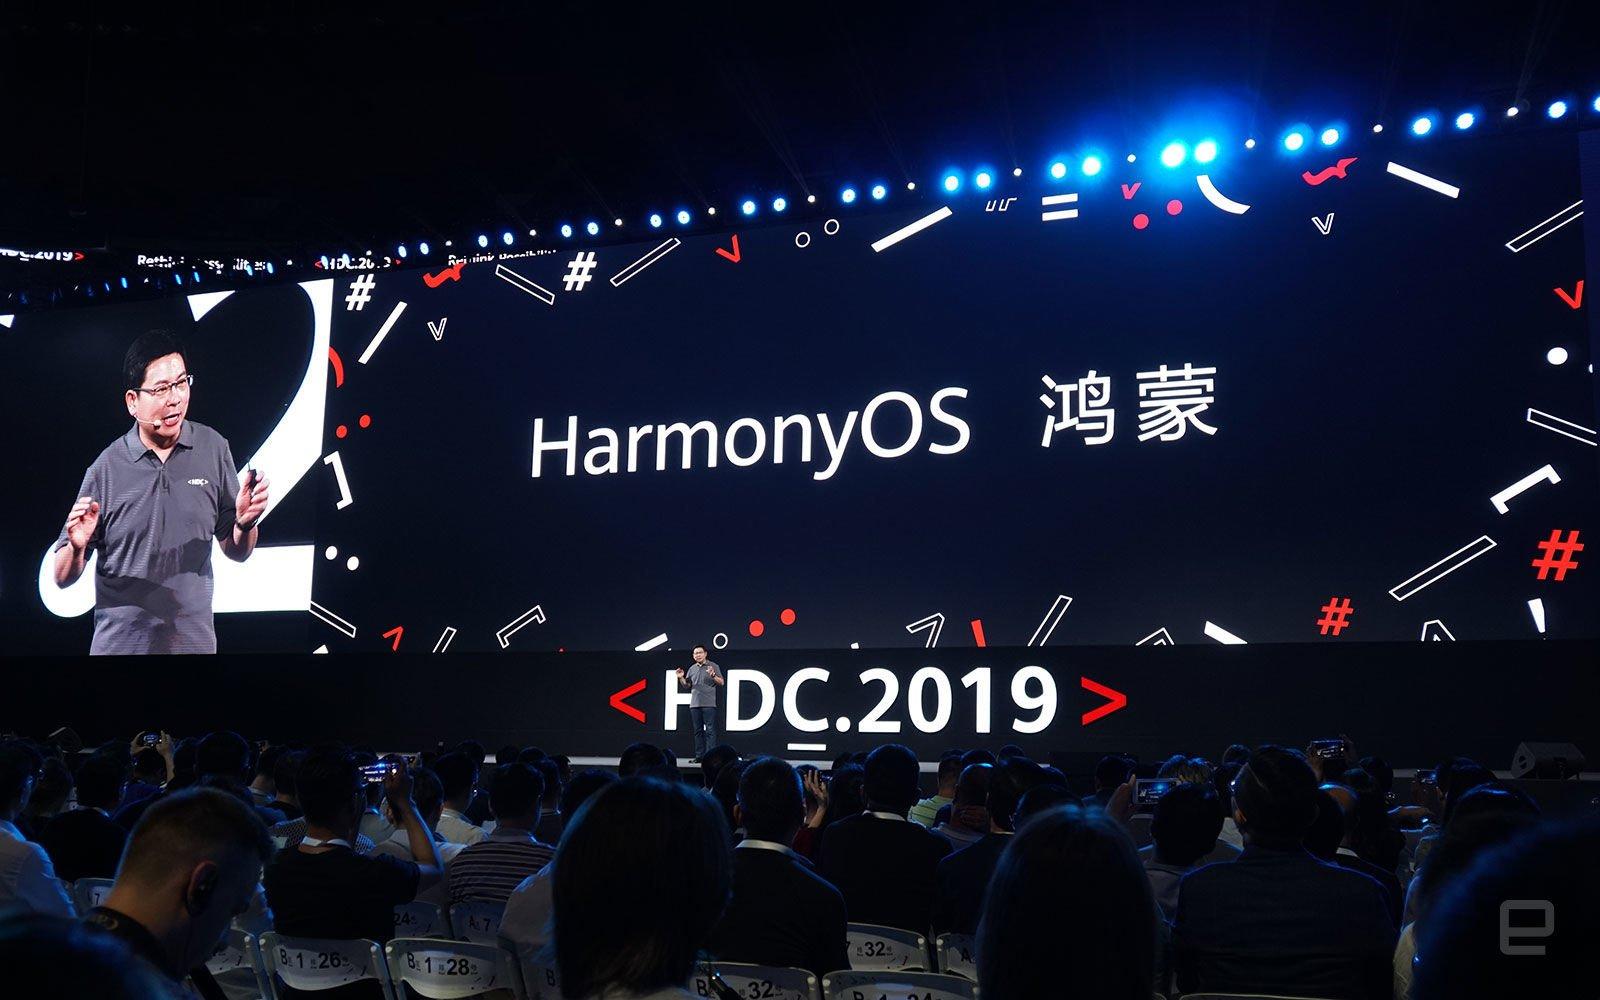 Huawei ra mắt hệ điều hành phân tán HarmonyOS